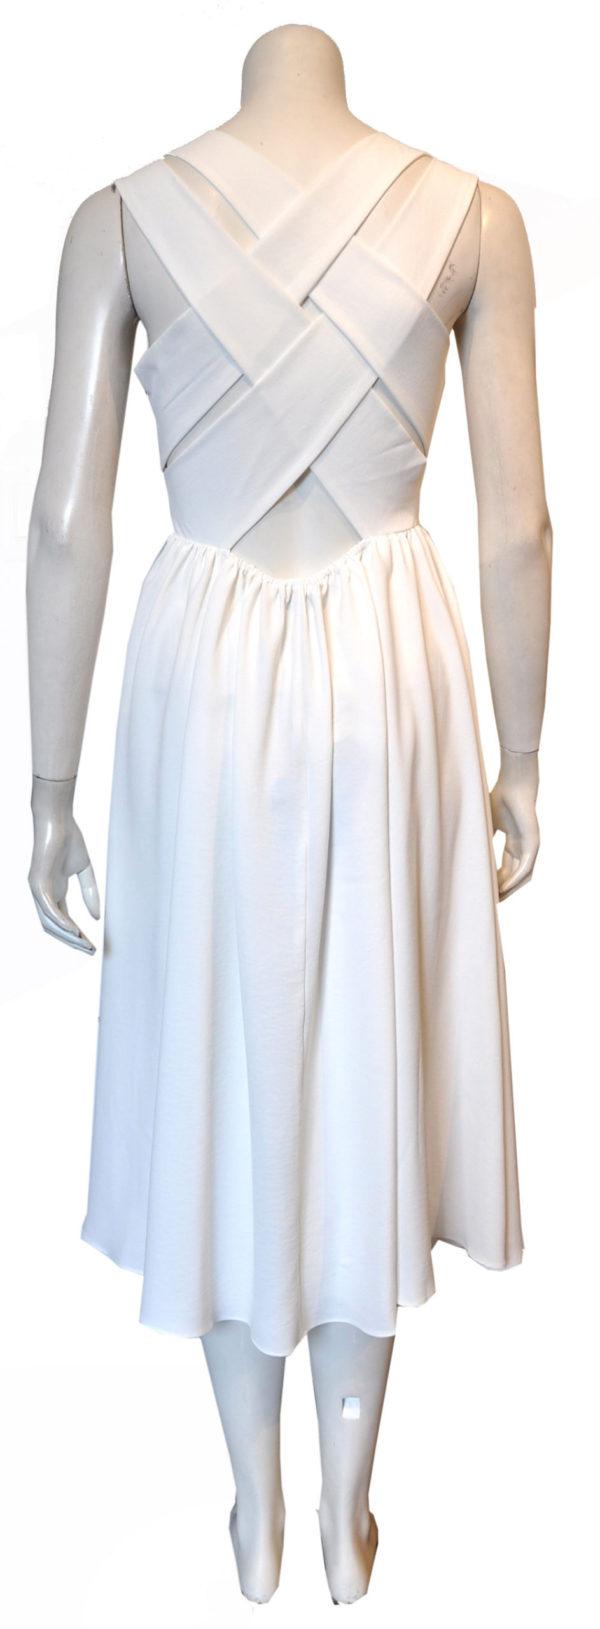 white cross back dress- back